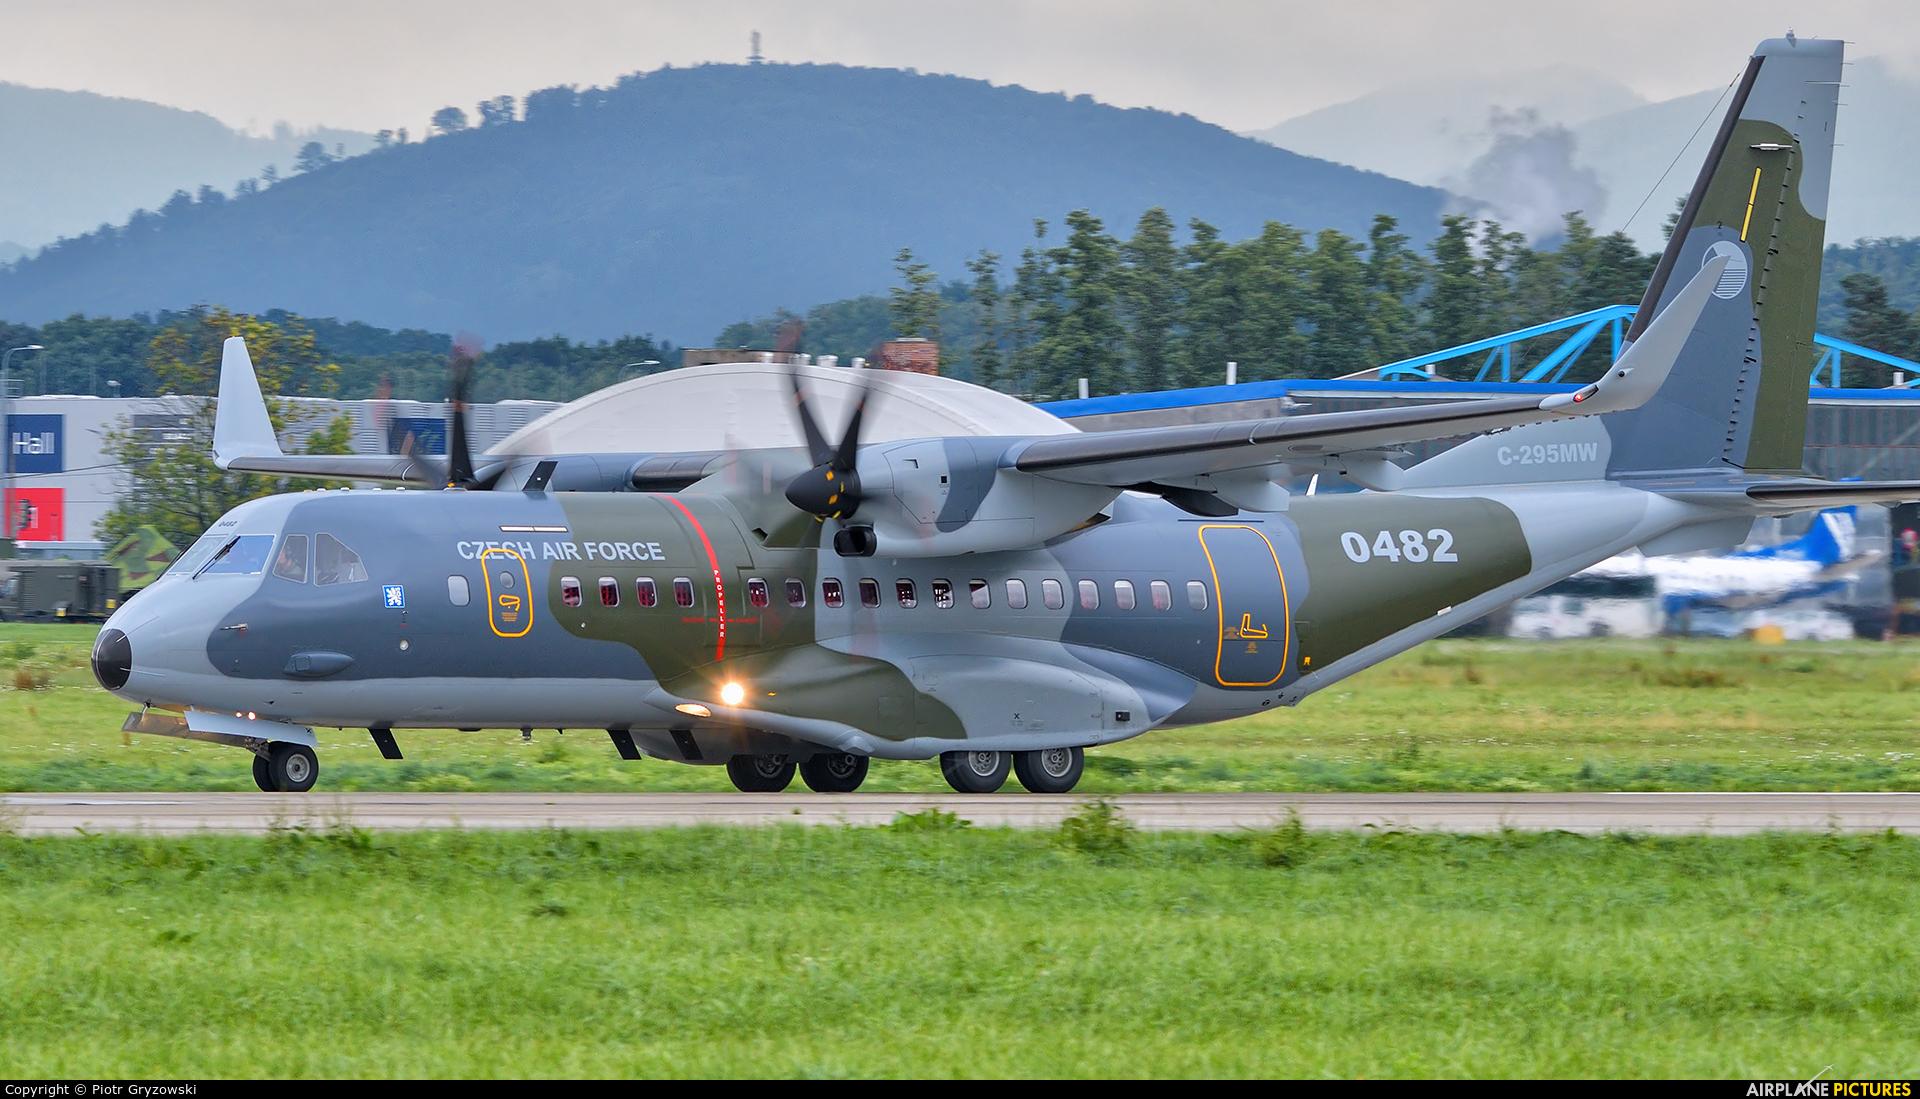 Czech - Air Force 0482 aircraft at Ostrava Mošnov